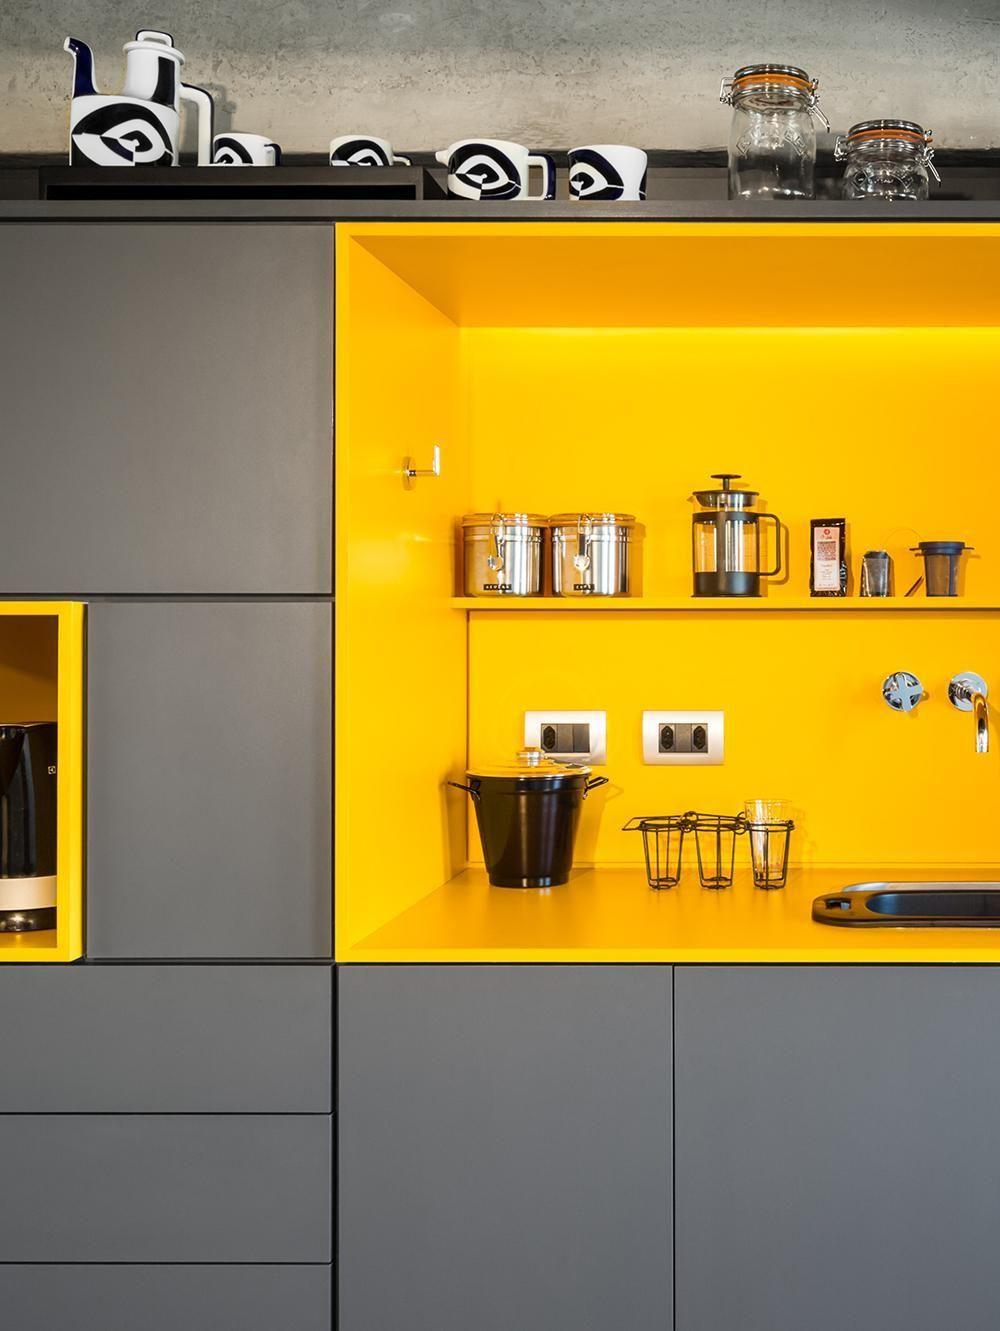 Arm Rio De Cozinha Amarelo E Cinza De Stuchi E Leite 22103 No Viva